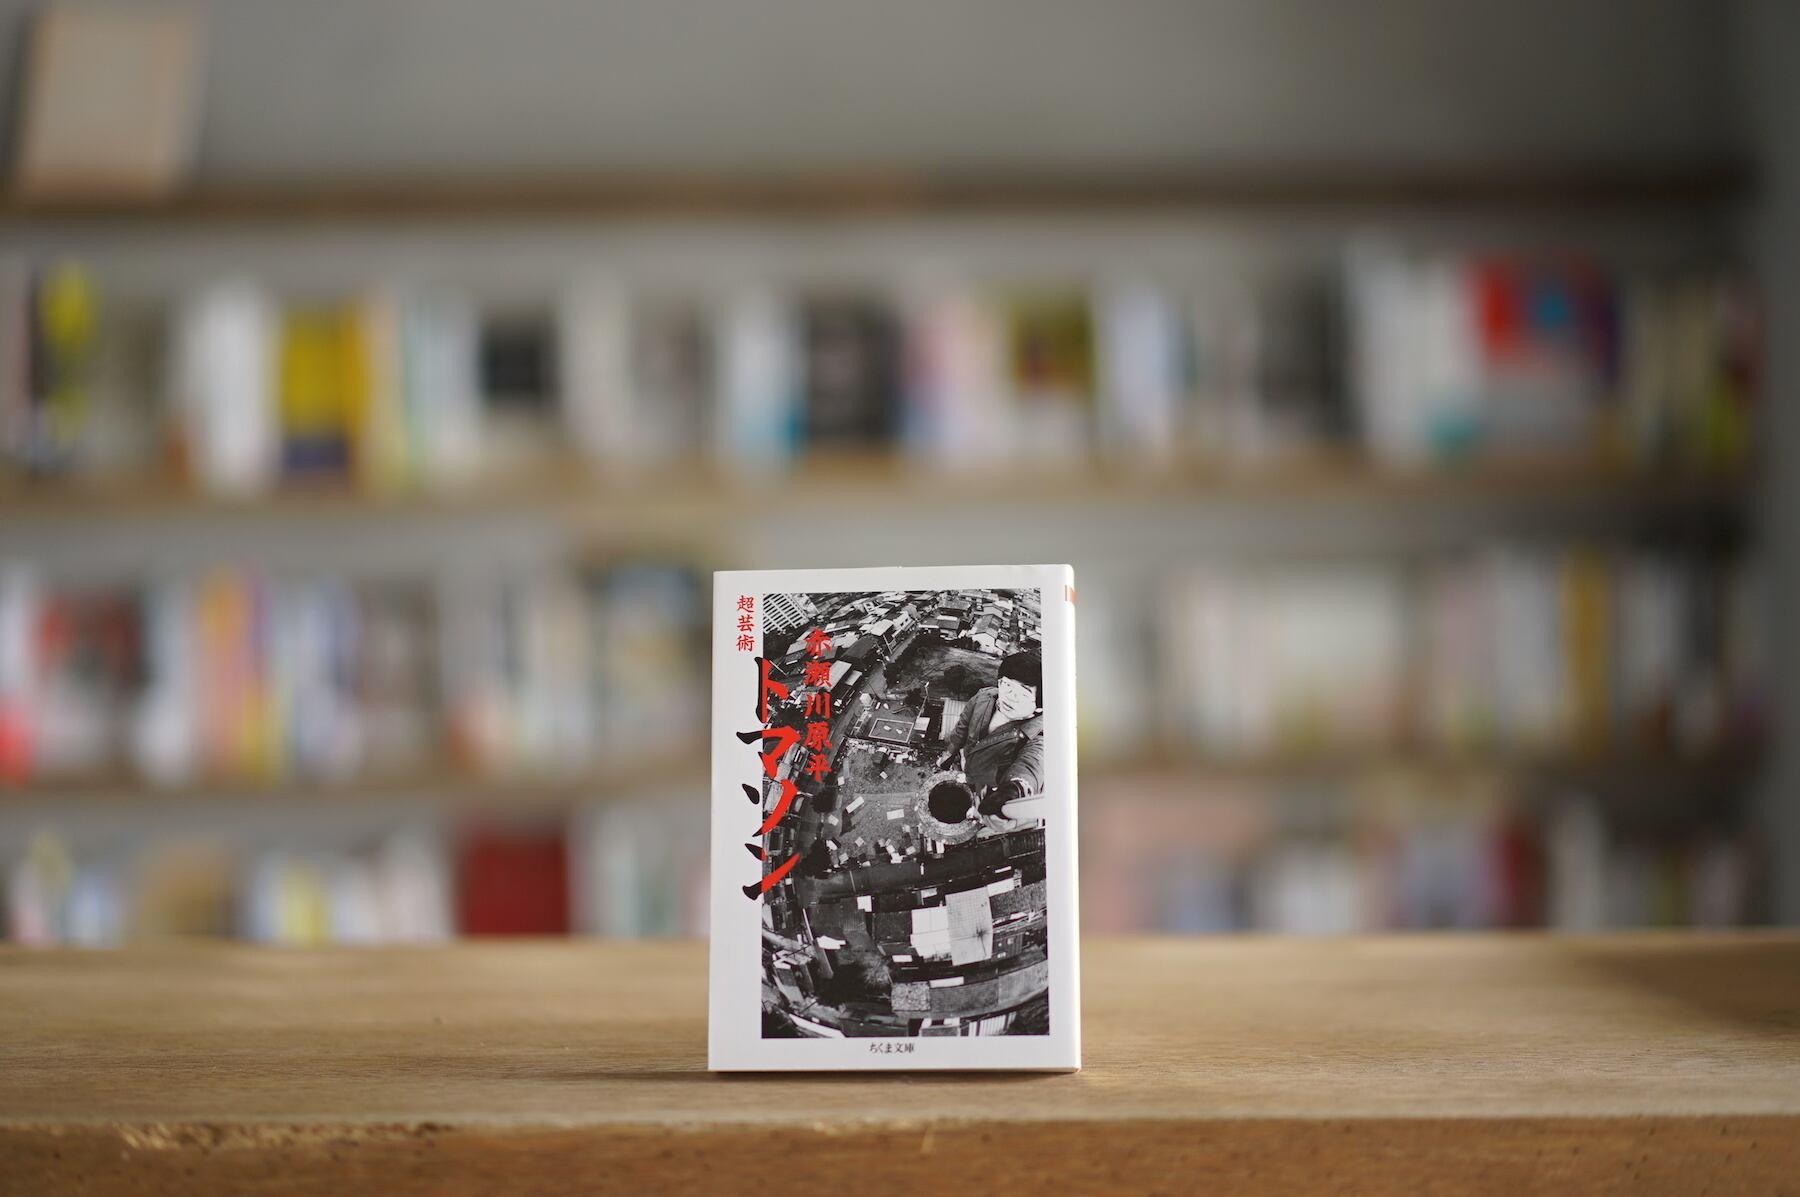 赤瀬川原平 『超芸術トマソン』 (筑摩書房、1987)